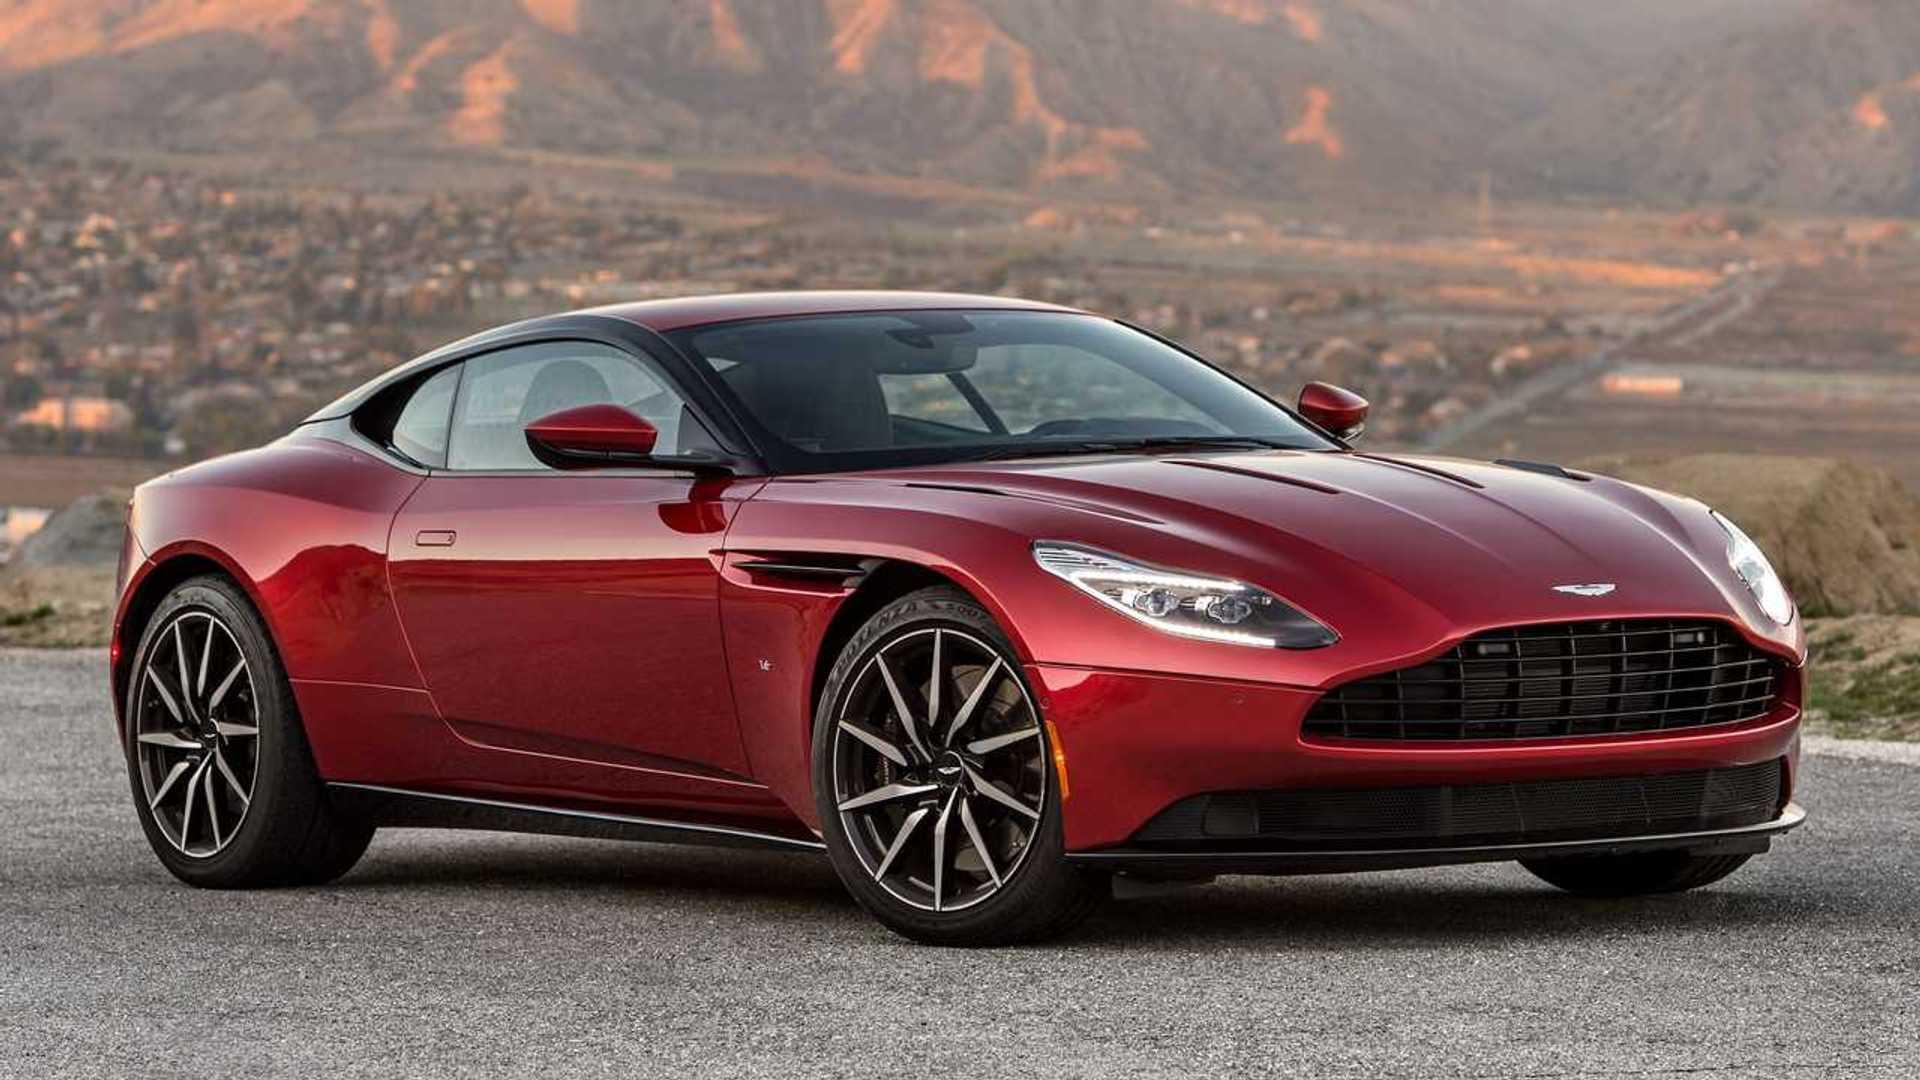 Aston Martin Db11 News And Reviews Motor1 Com